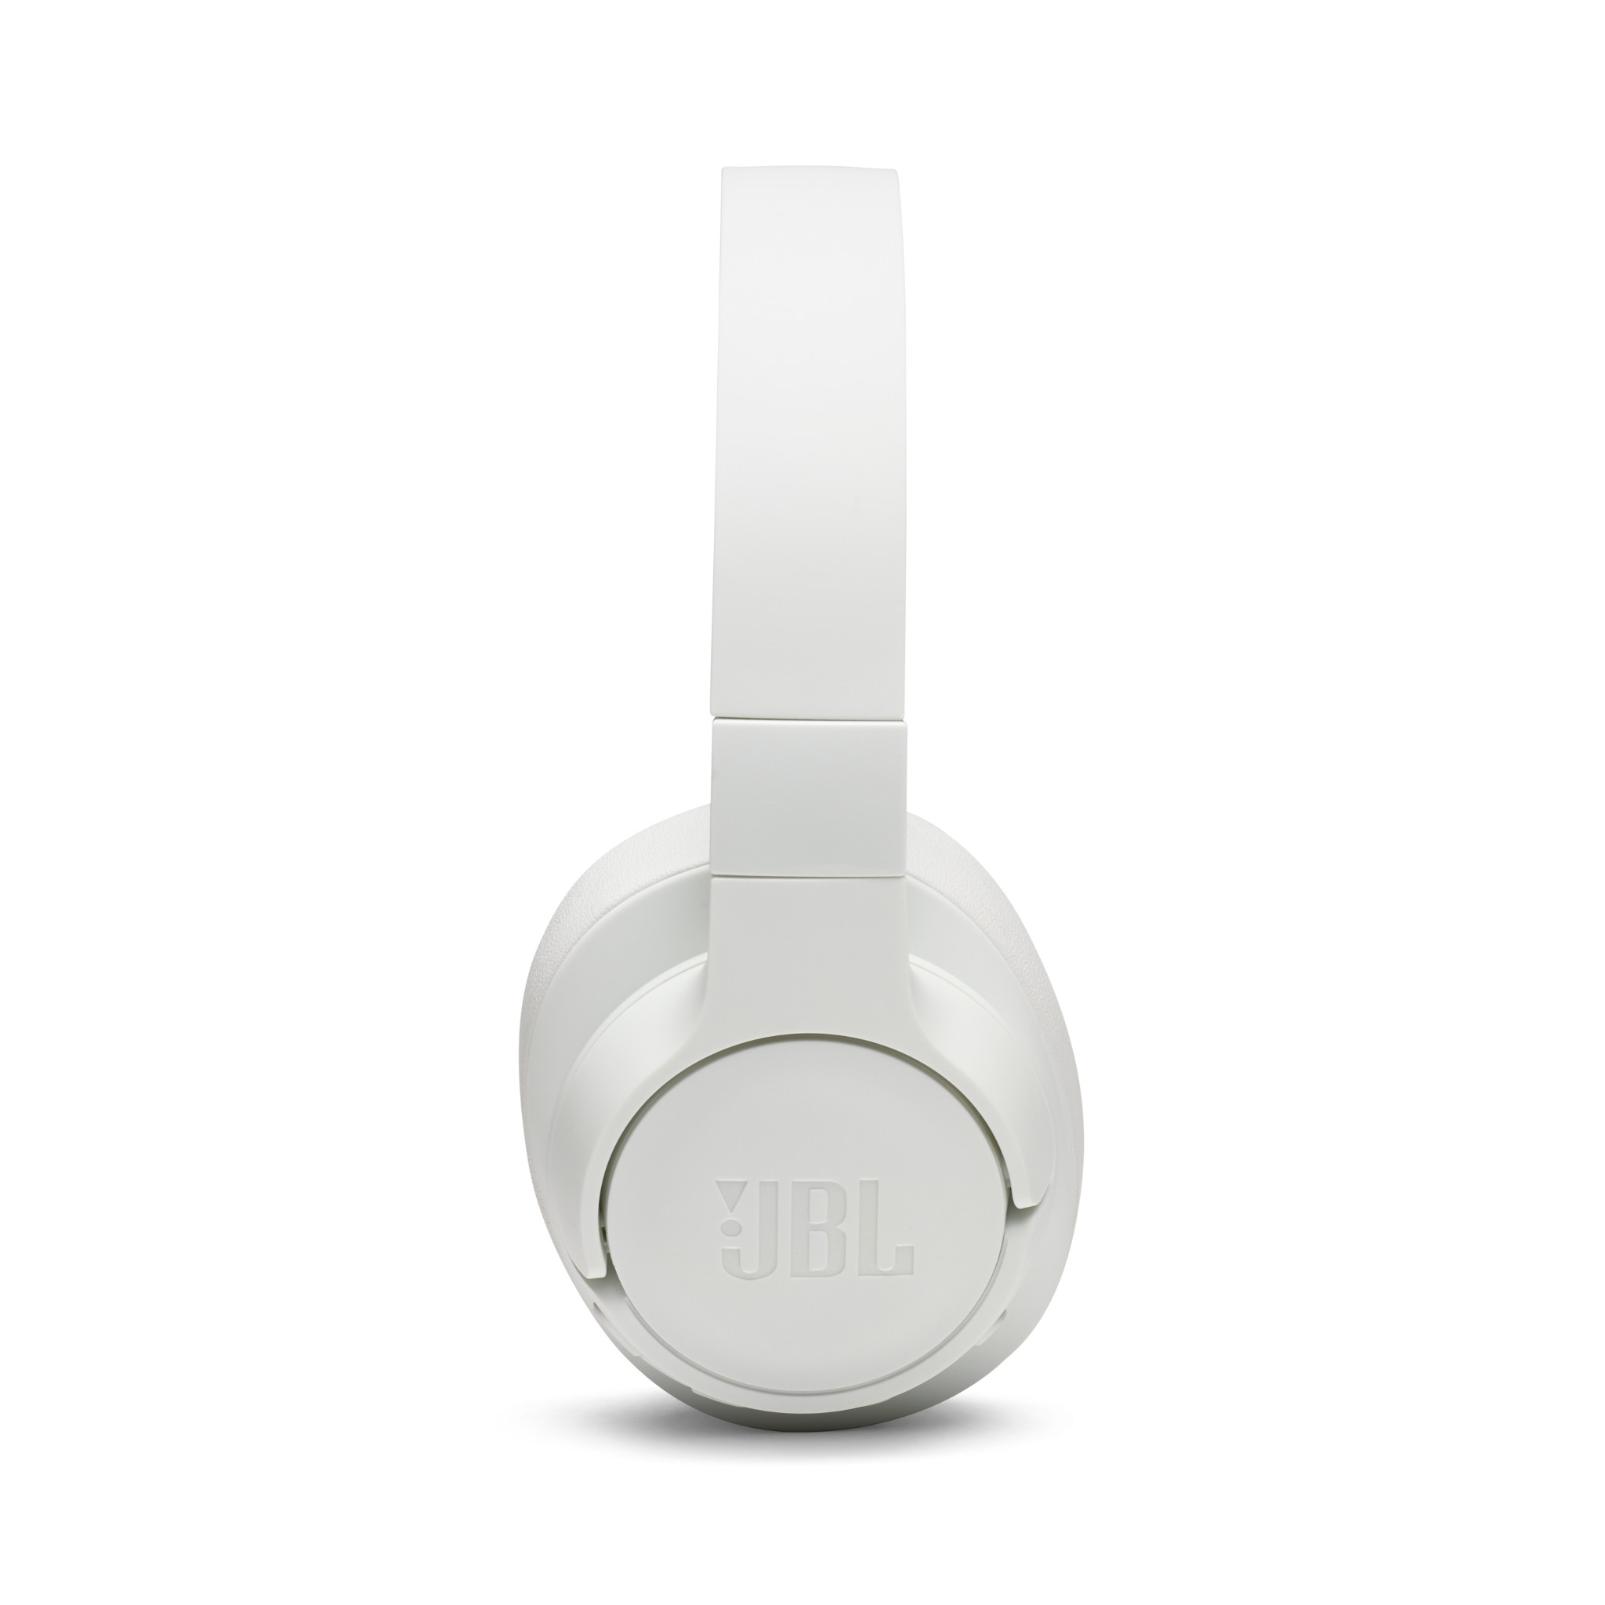 JBL TUNE 750BTNC - White - Wireless Over-Ear ANC Headphones - Left